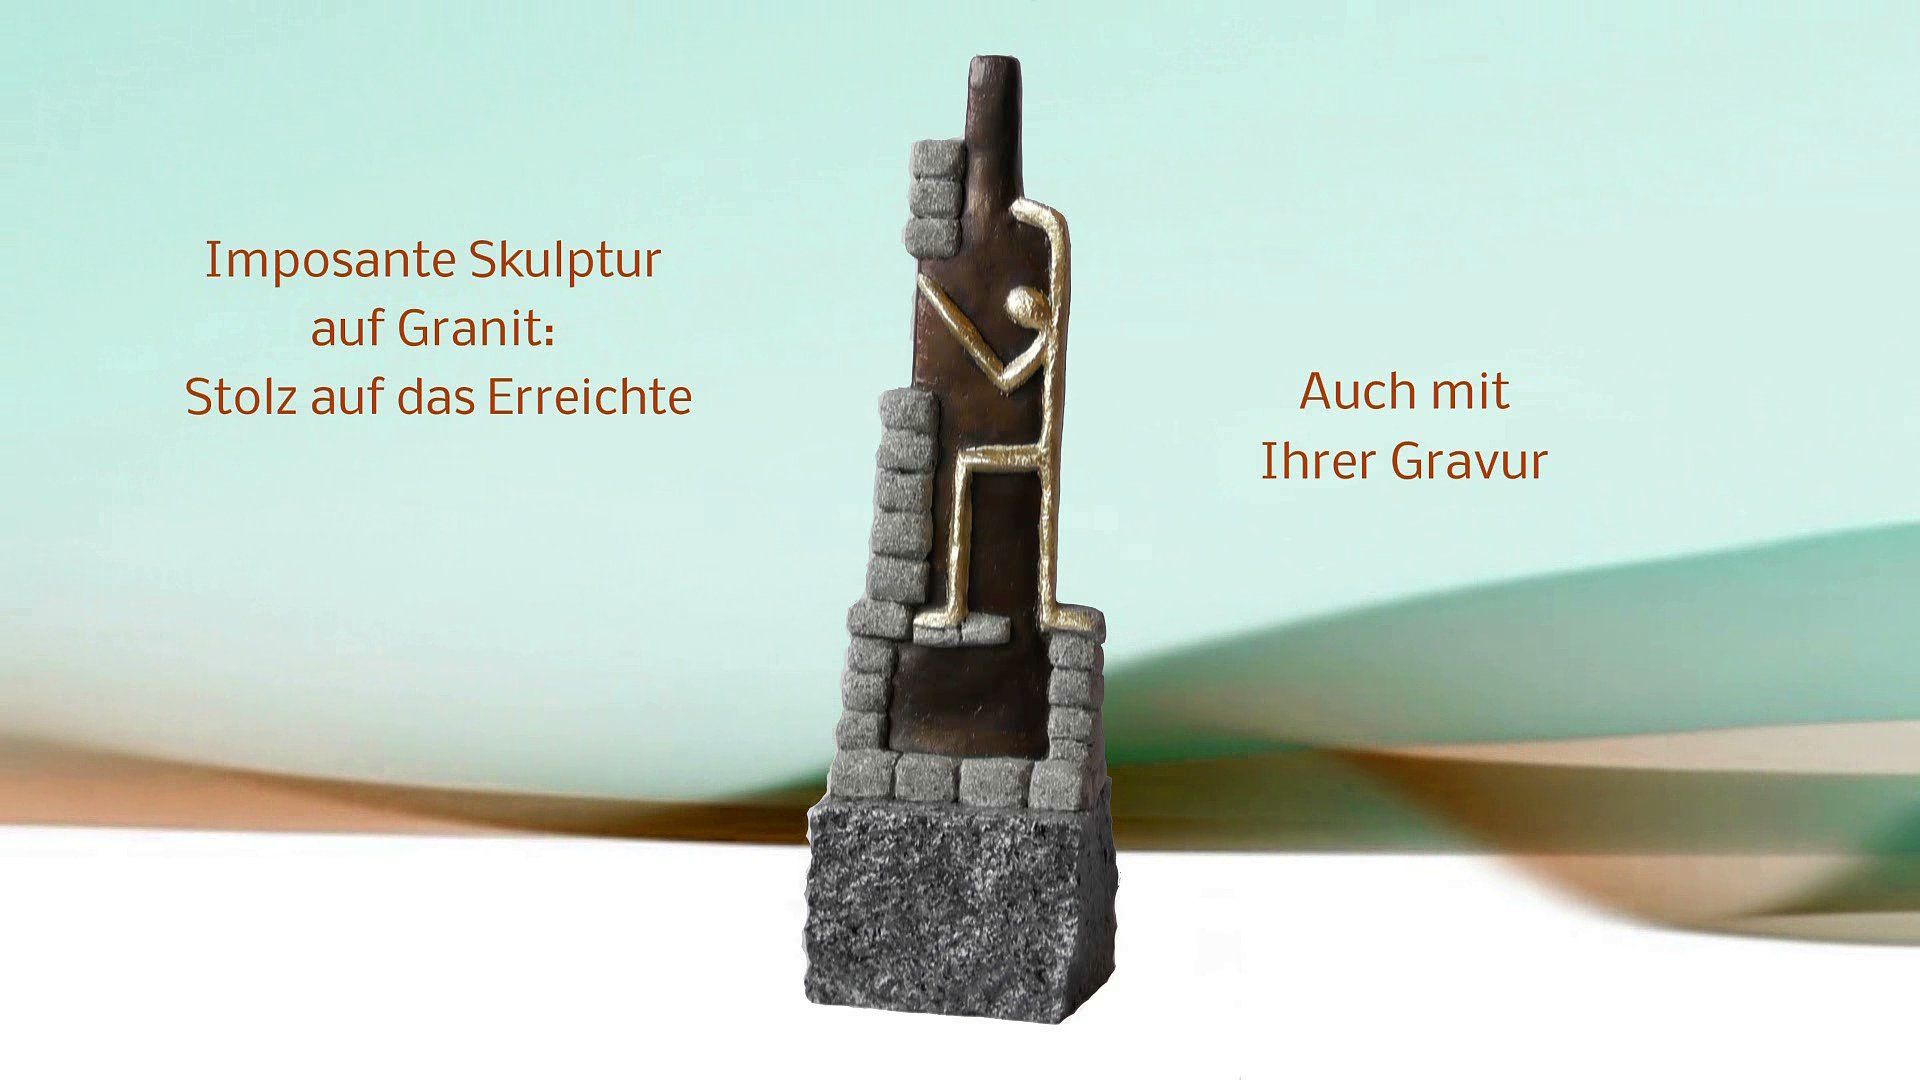 Diese Skulptur in Bronze und Granit Kunst ist hervorragend wenn Sie originelle Geschenke für Geschäftsfreunde